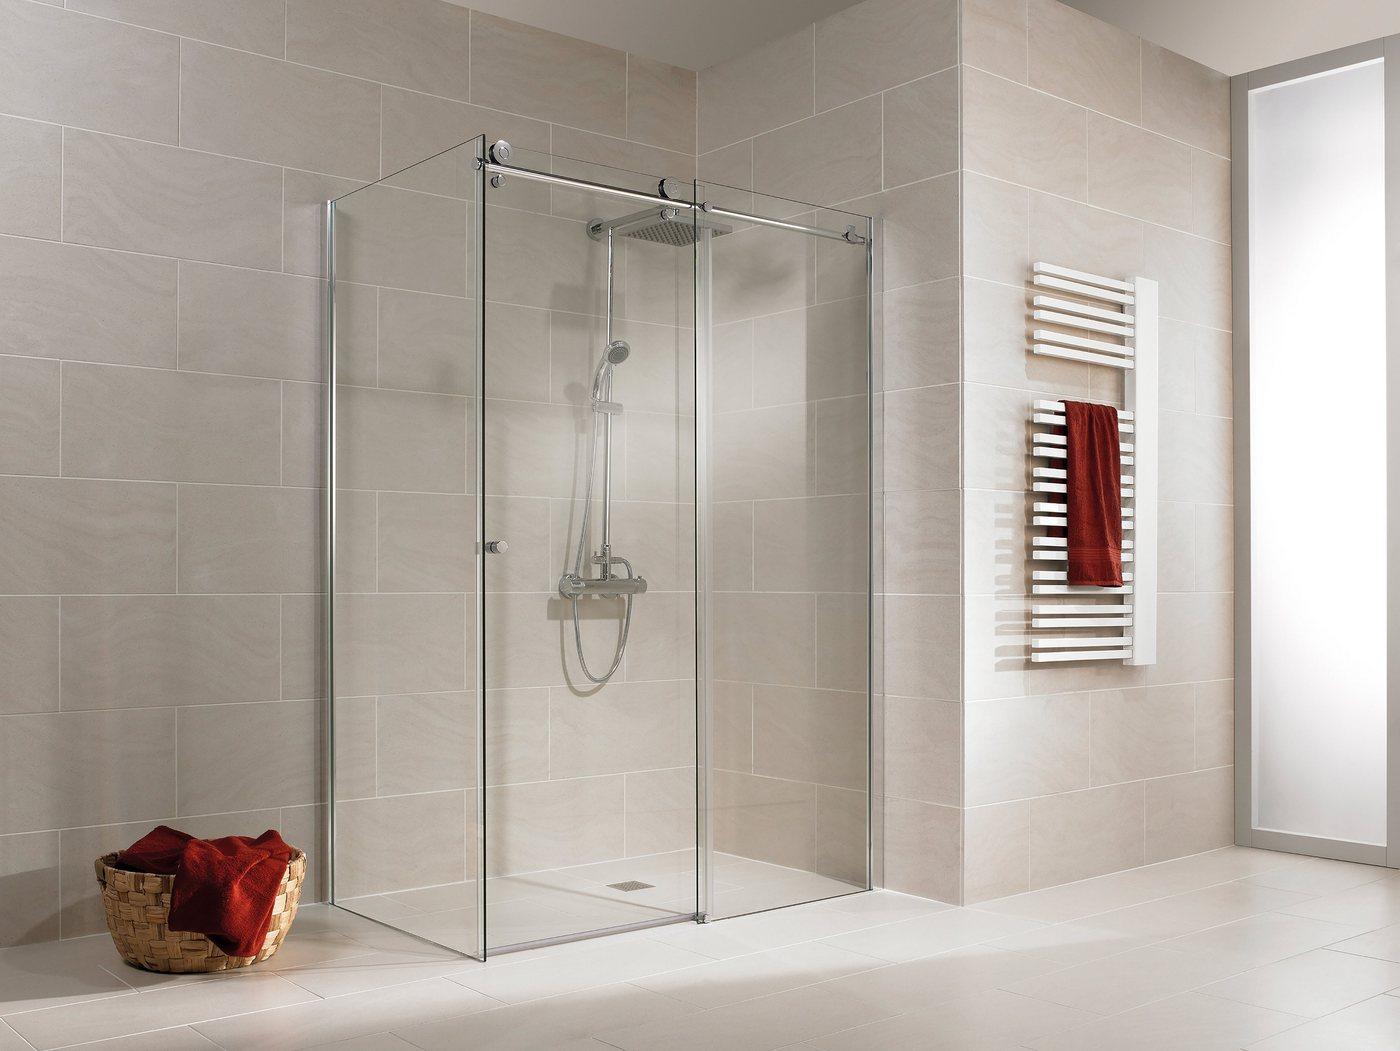 SCHULTE Sparset: Eckdusche »MasterClass«, Schiebetür mit Seitenwand, 120 x 80 cm | Bad > Duschen > Duschen | Schulte